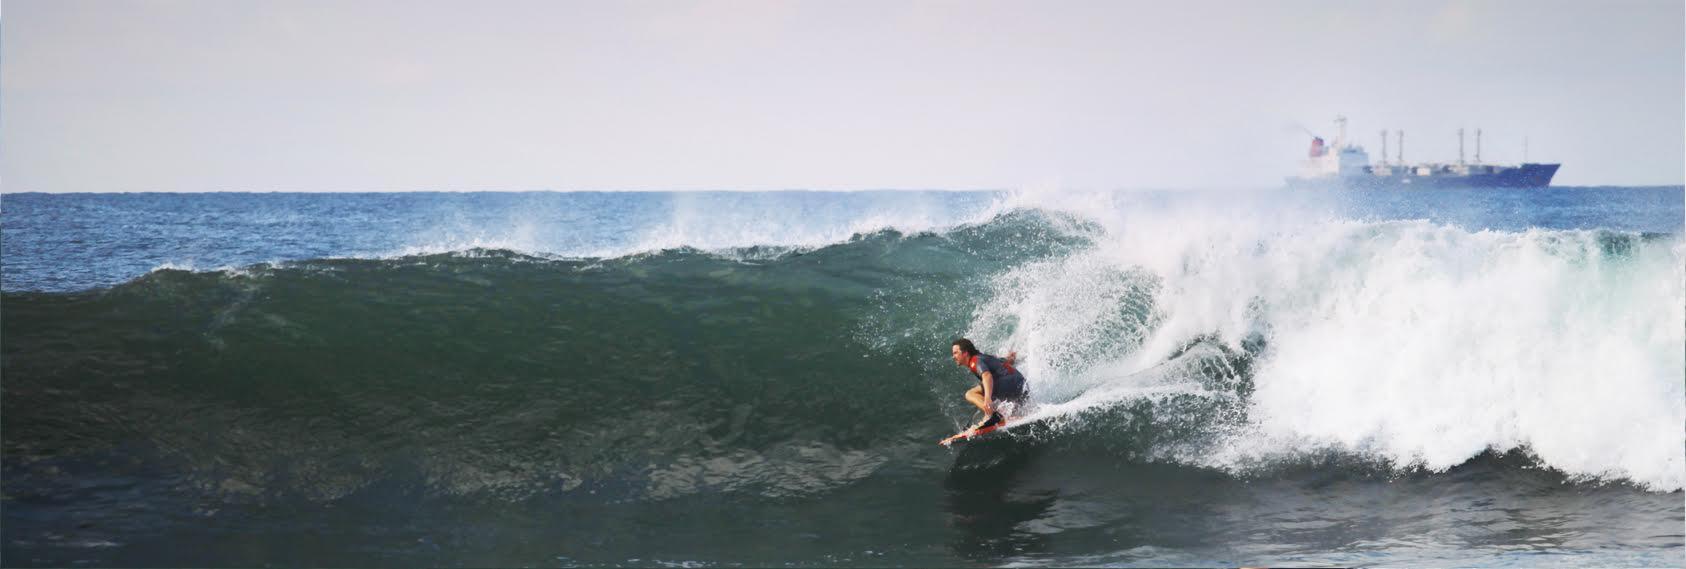 Surf_3.jpeg